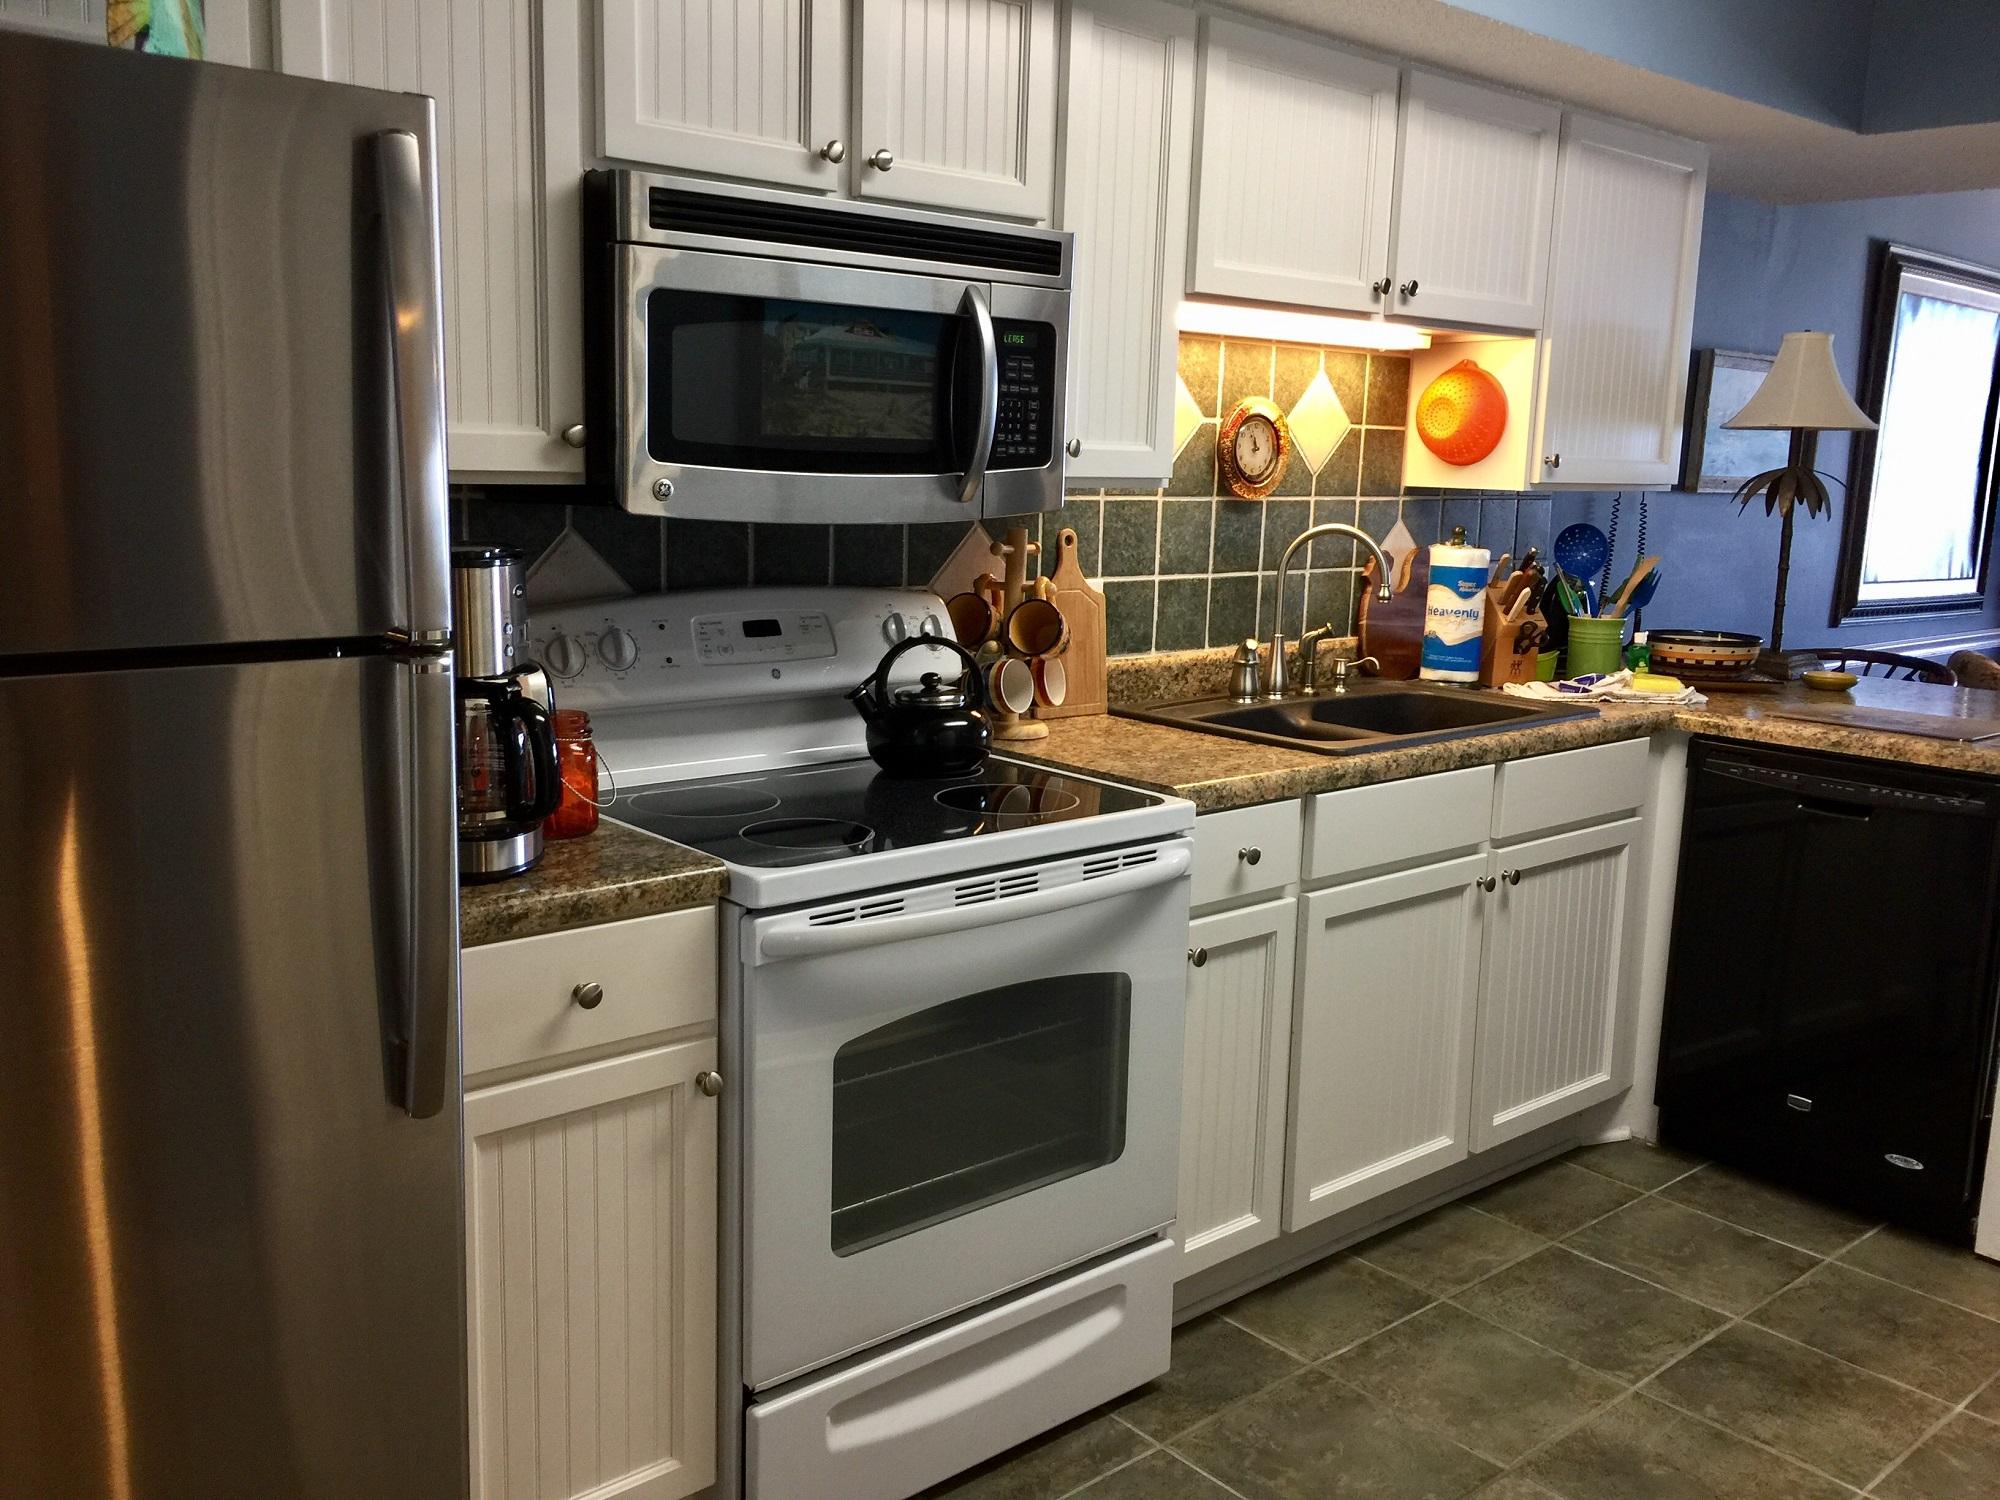 Ocean House 2702 Condo rental in Ocean House - Gulf Shores in Gulf Shores Alabama - #11